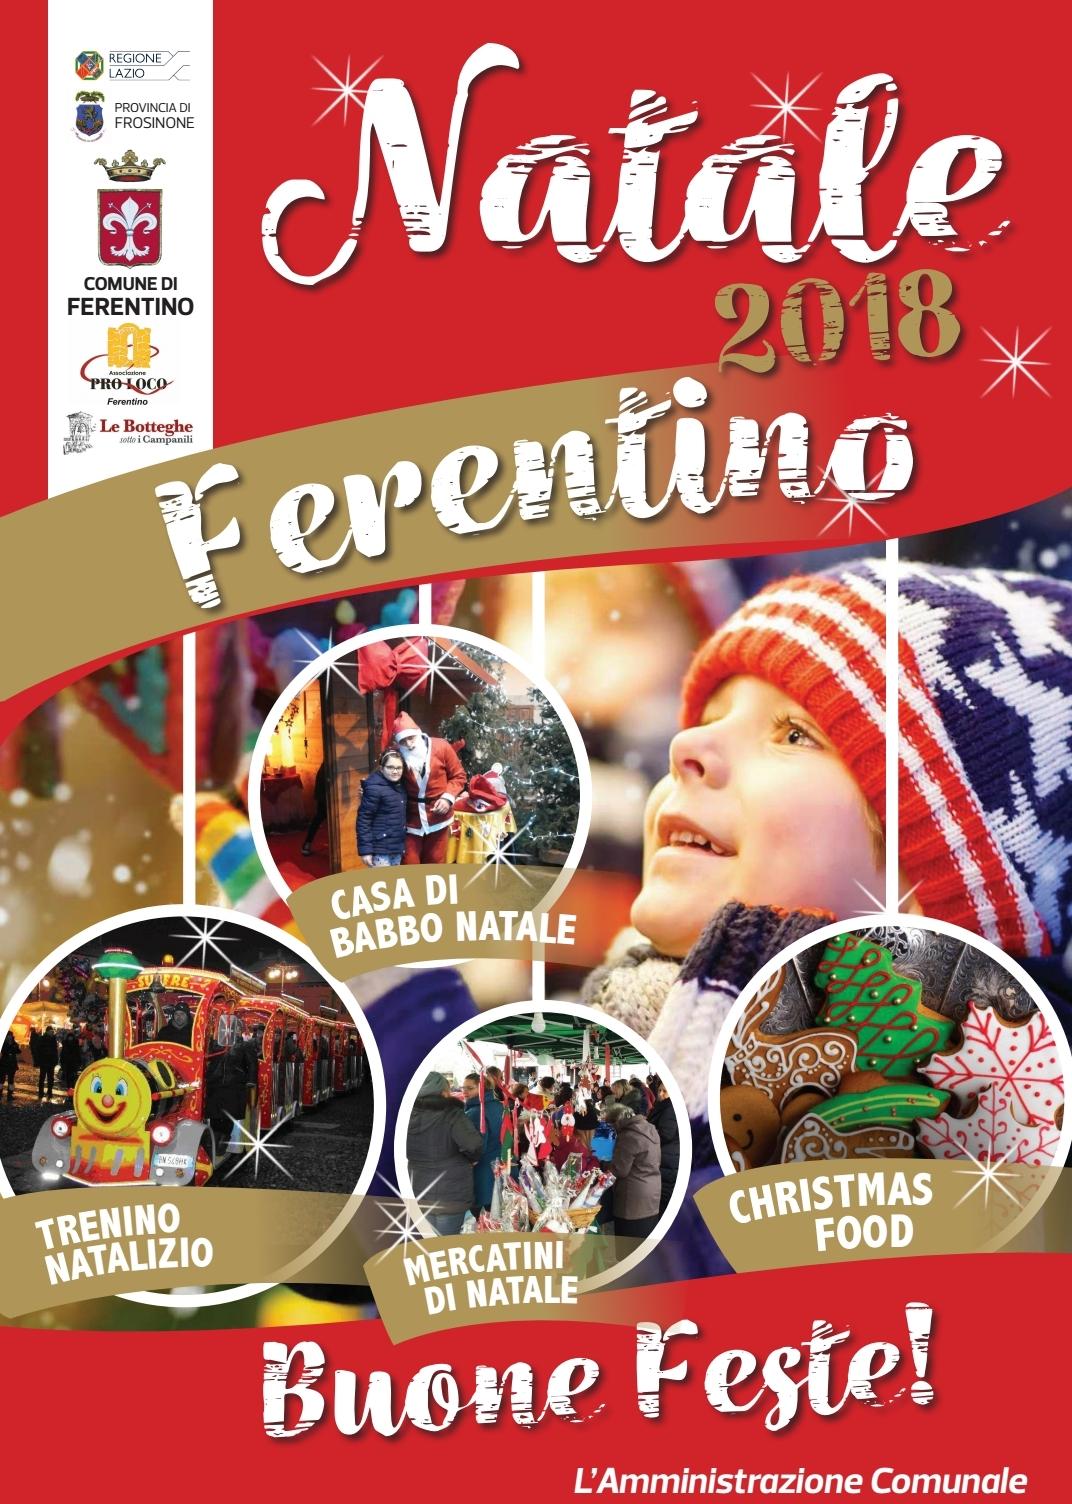 Immagini Natalizie Word.Natale 2018 A Ferentino Ferentino